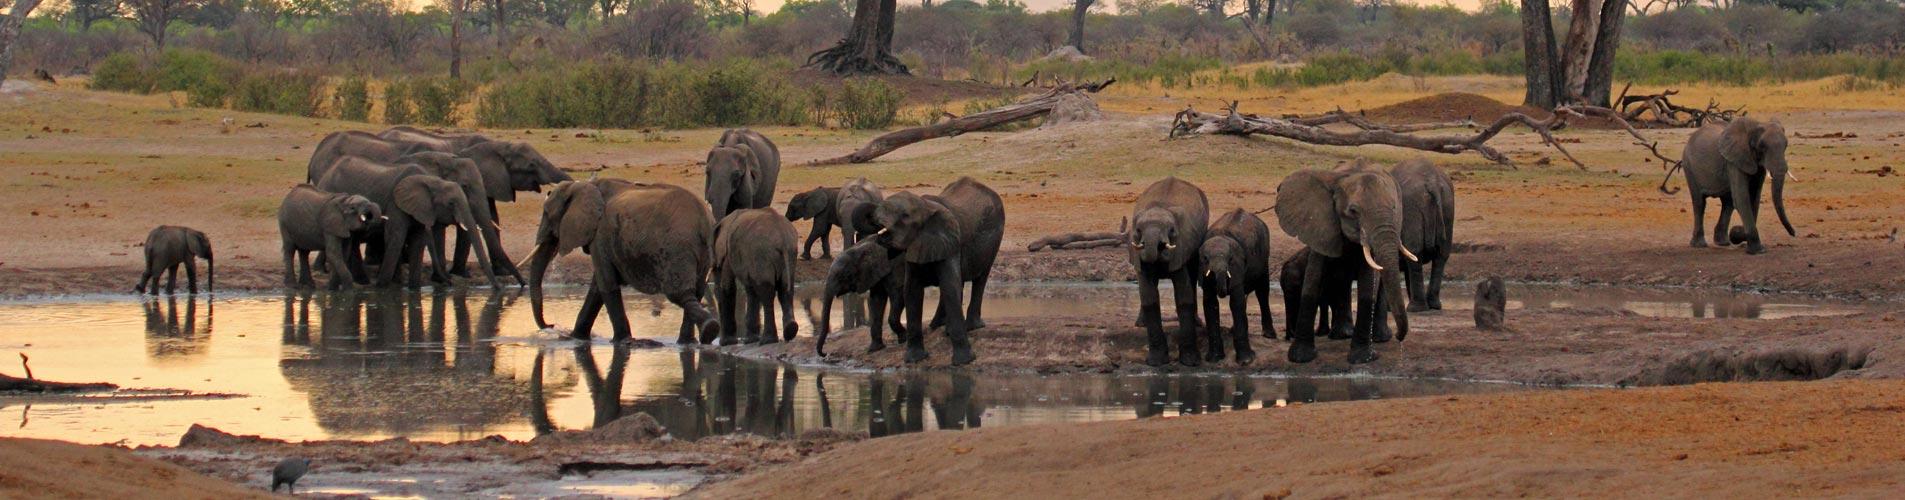 Elephants In Hwange in Zimbabwe